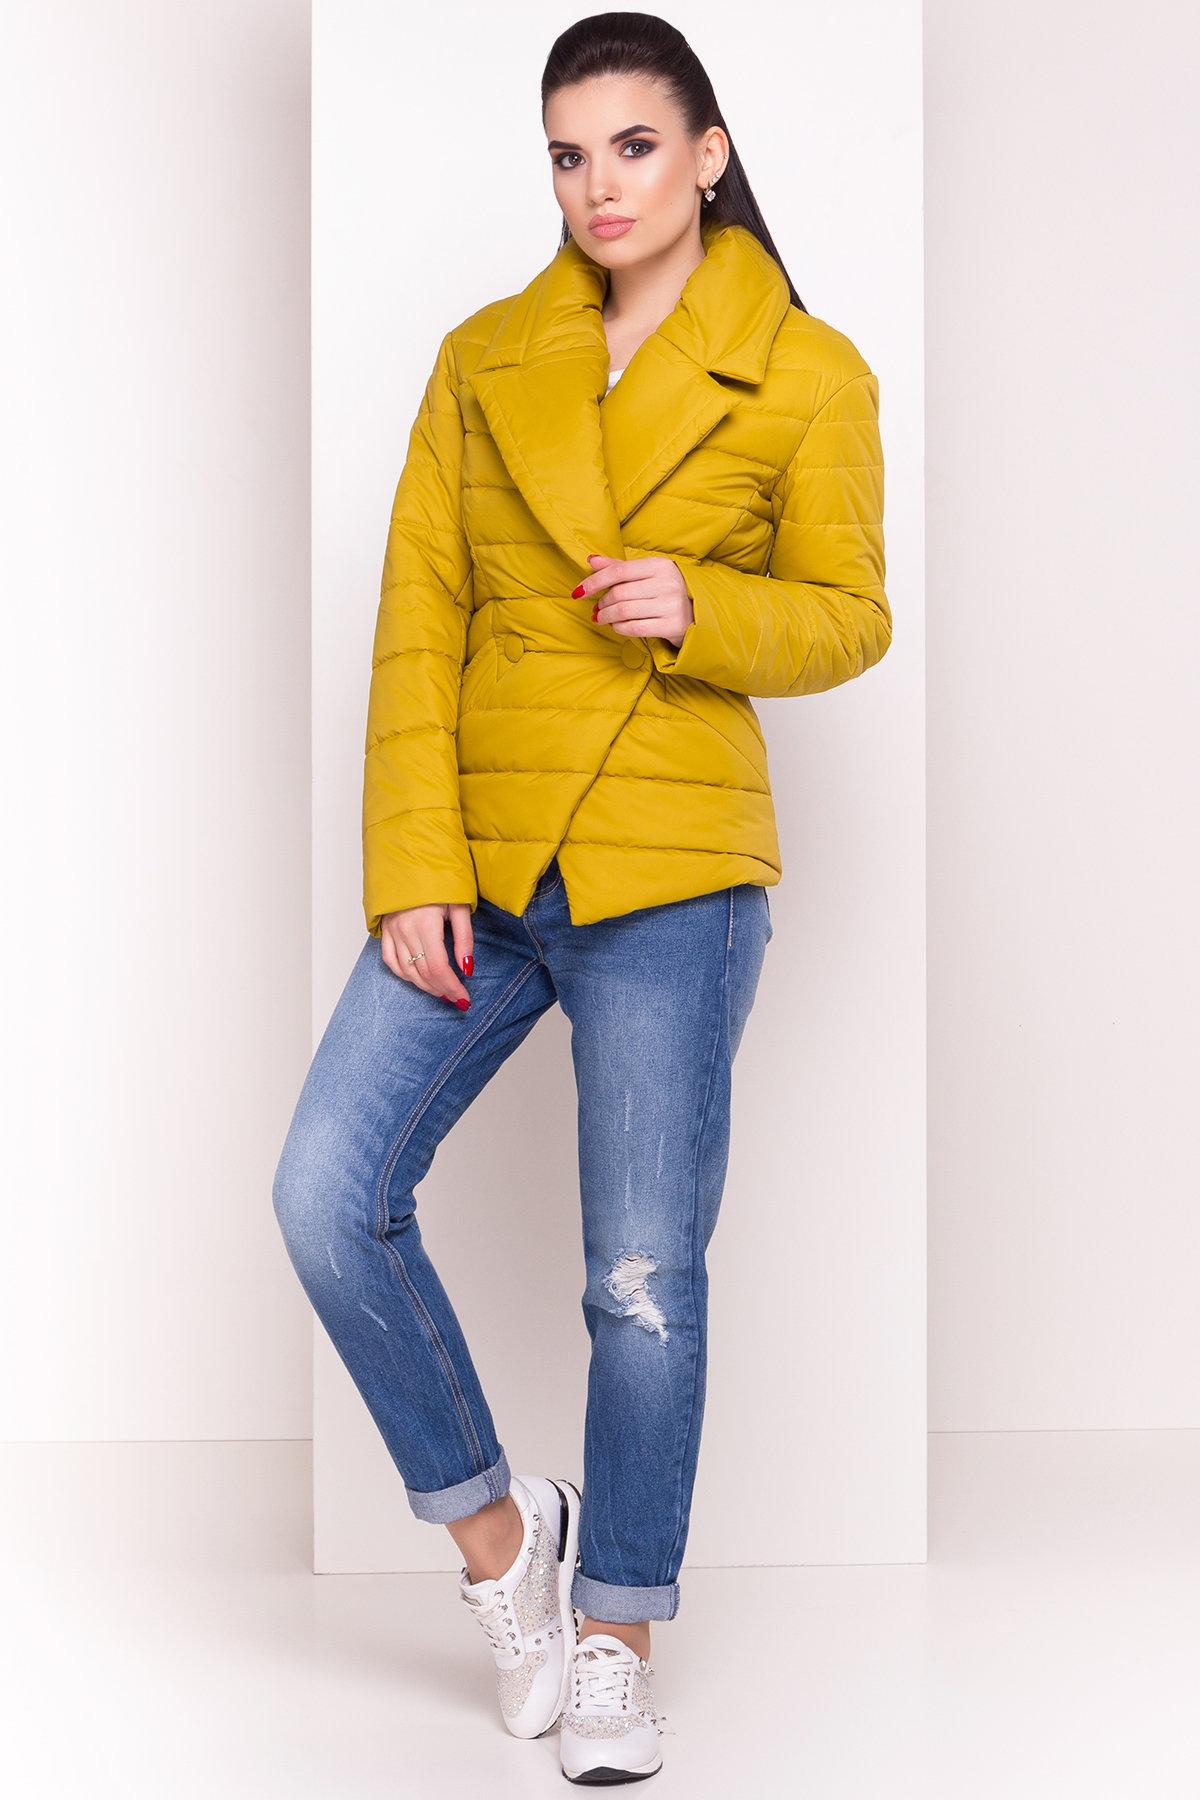 Куртка однотонная Мириам 4564 АРТ. 21648 Цвет: Горчица - фото 3, интернет магазин tm-modus.ru